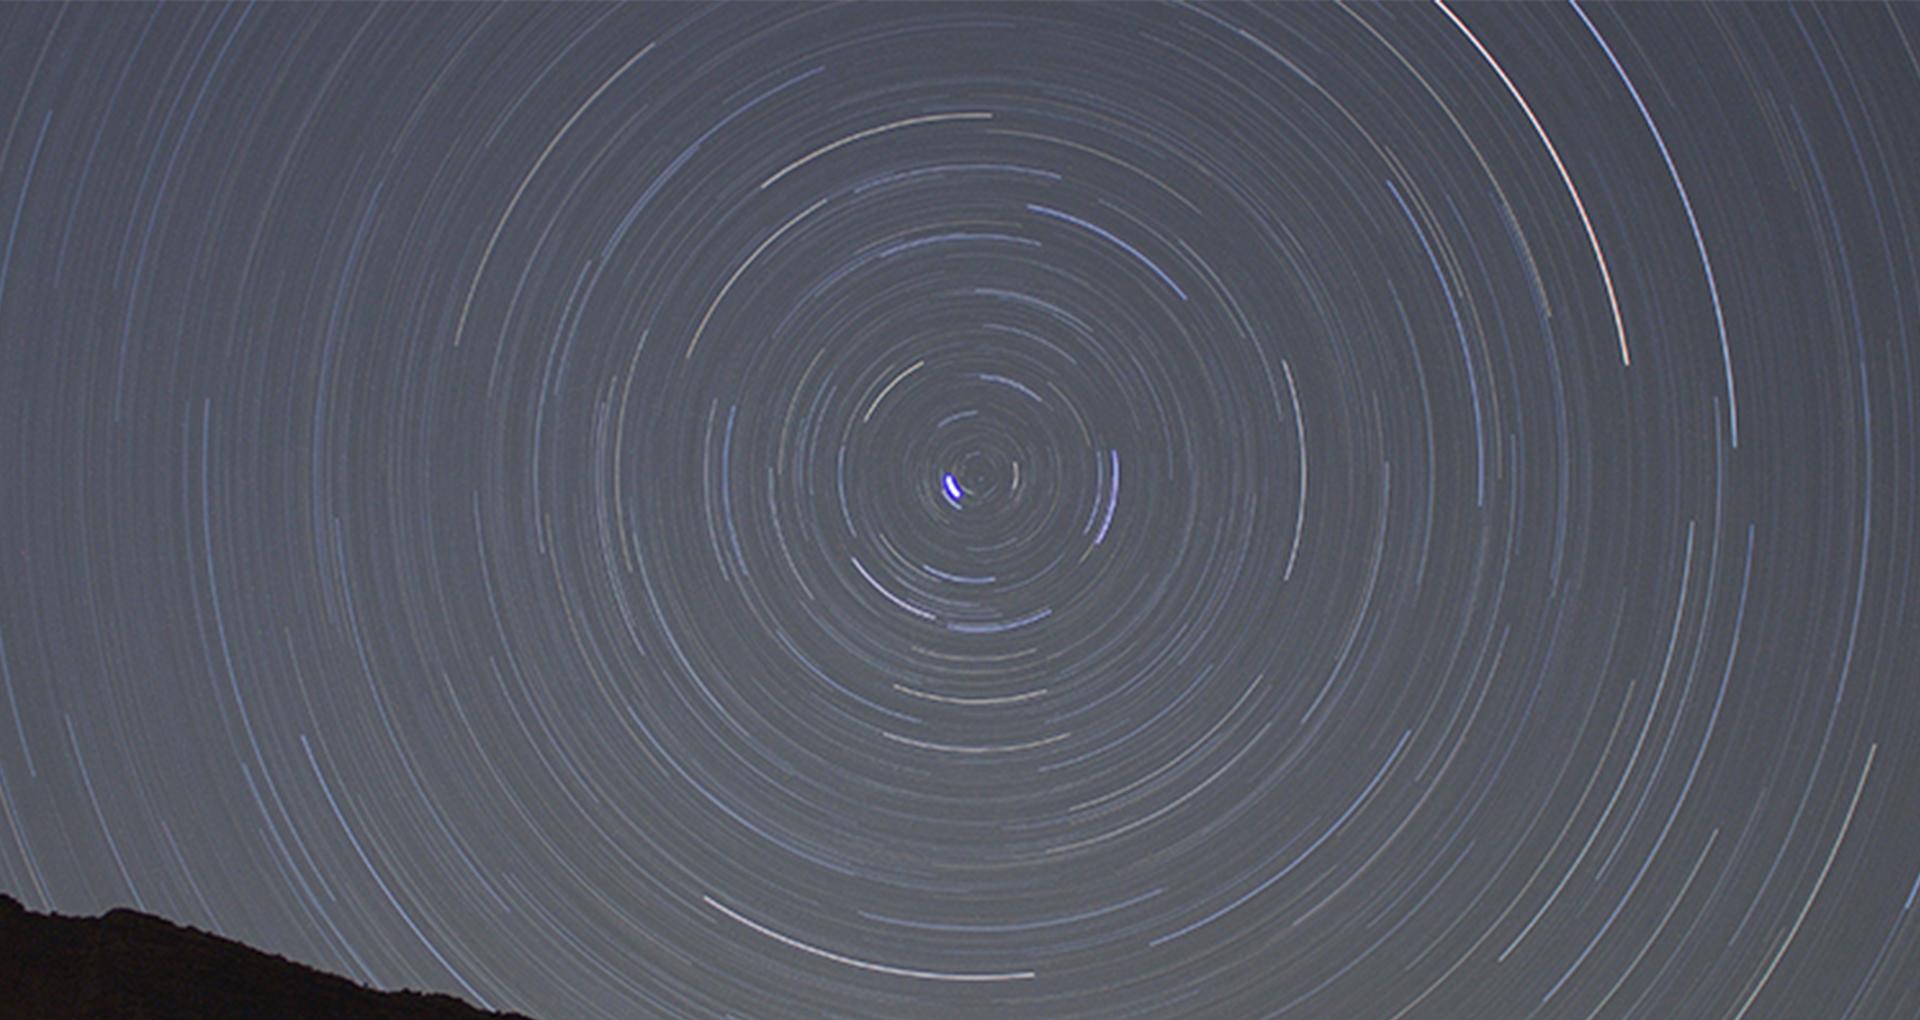 Photo couleur. La nuit. Des spirales se dessinent dans le ciel.